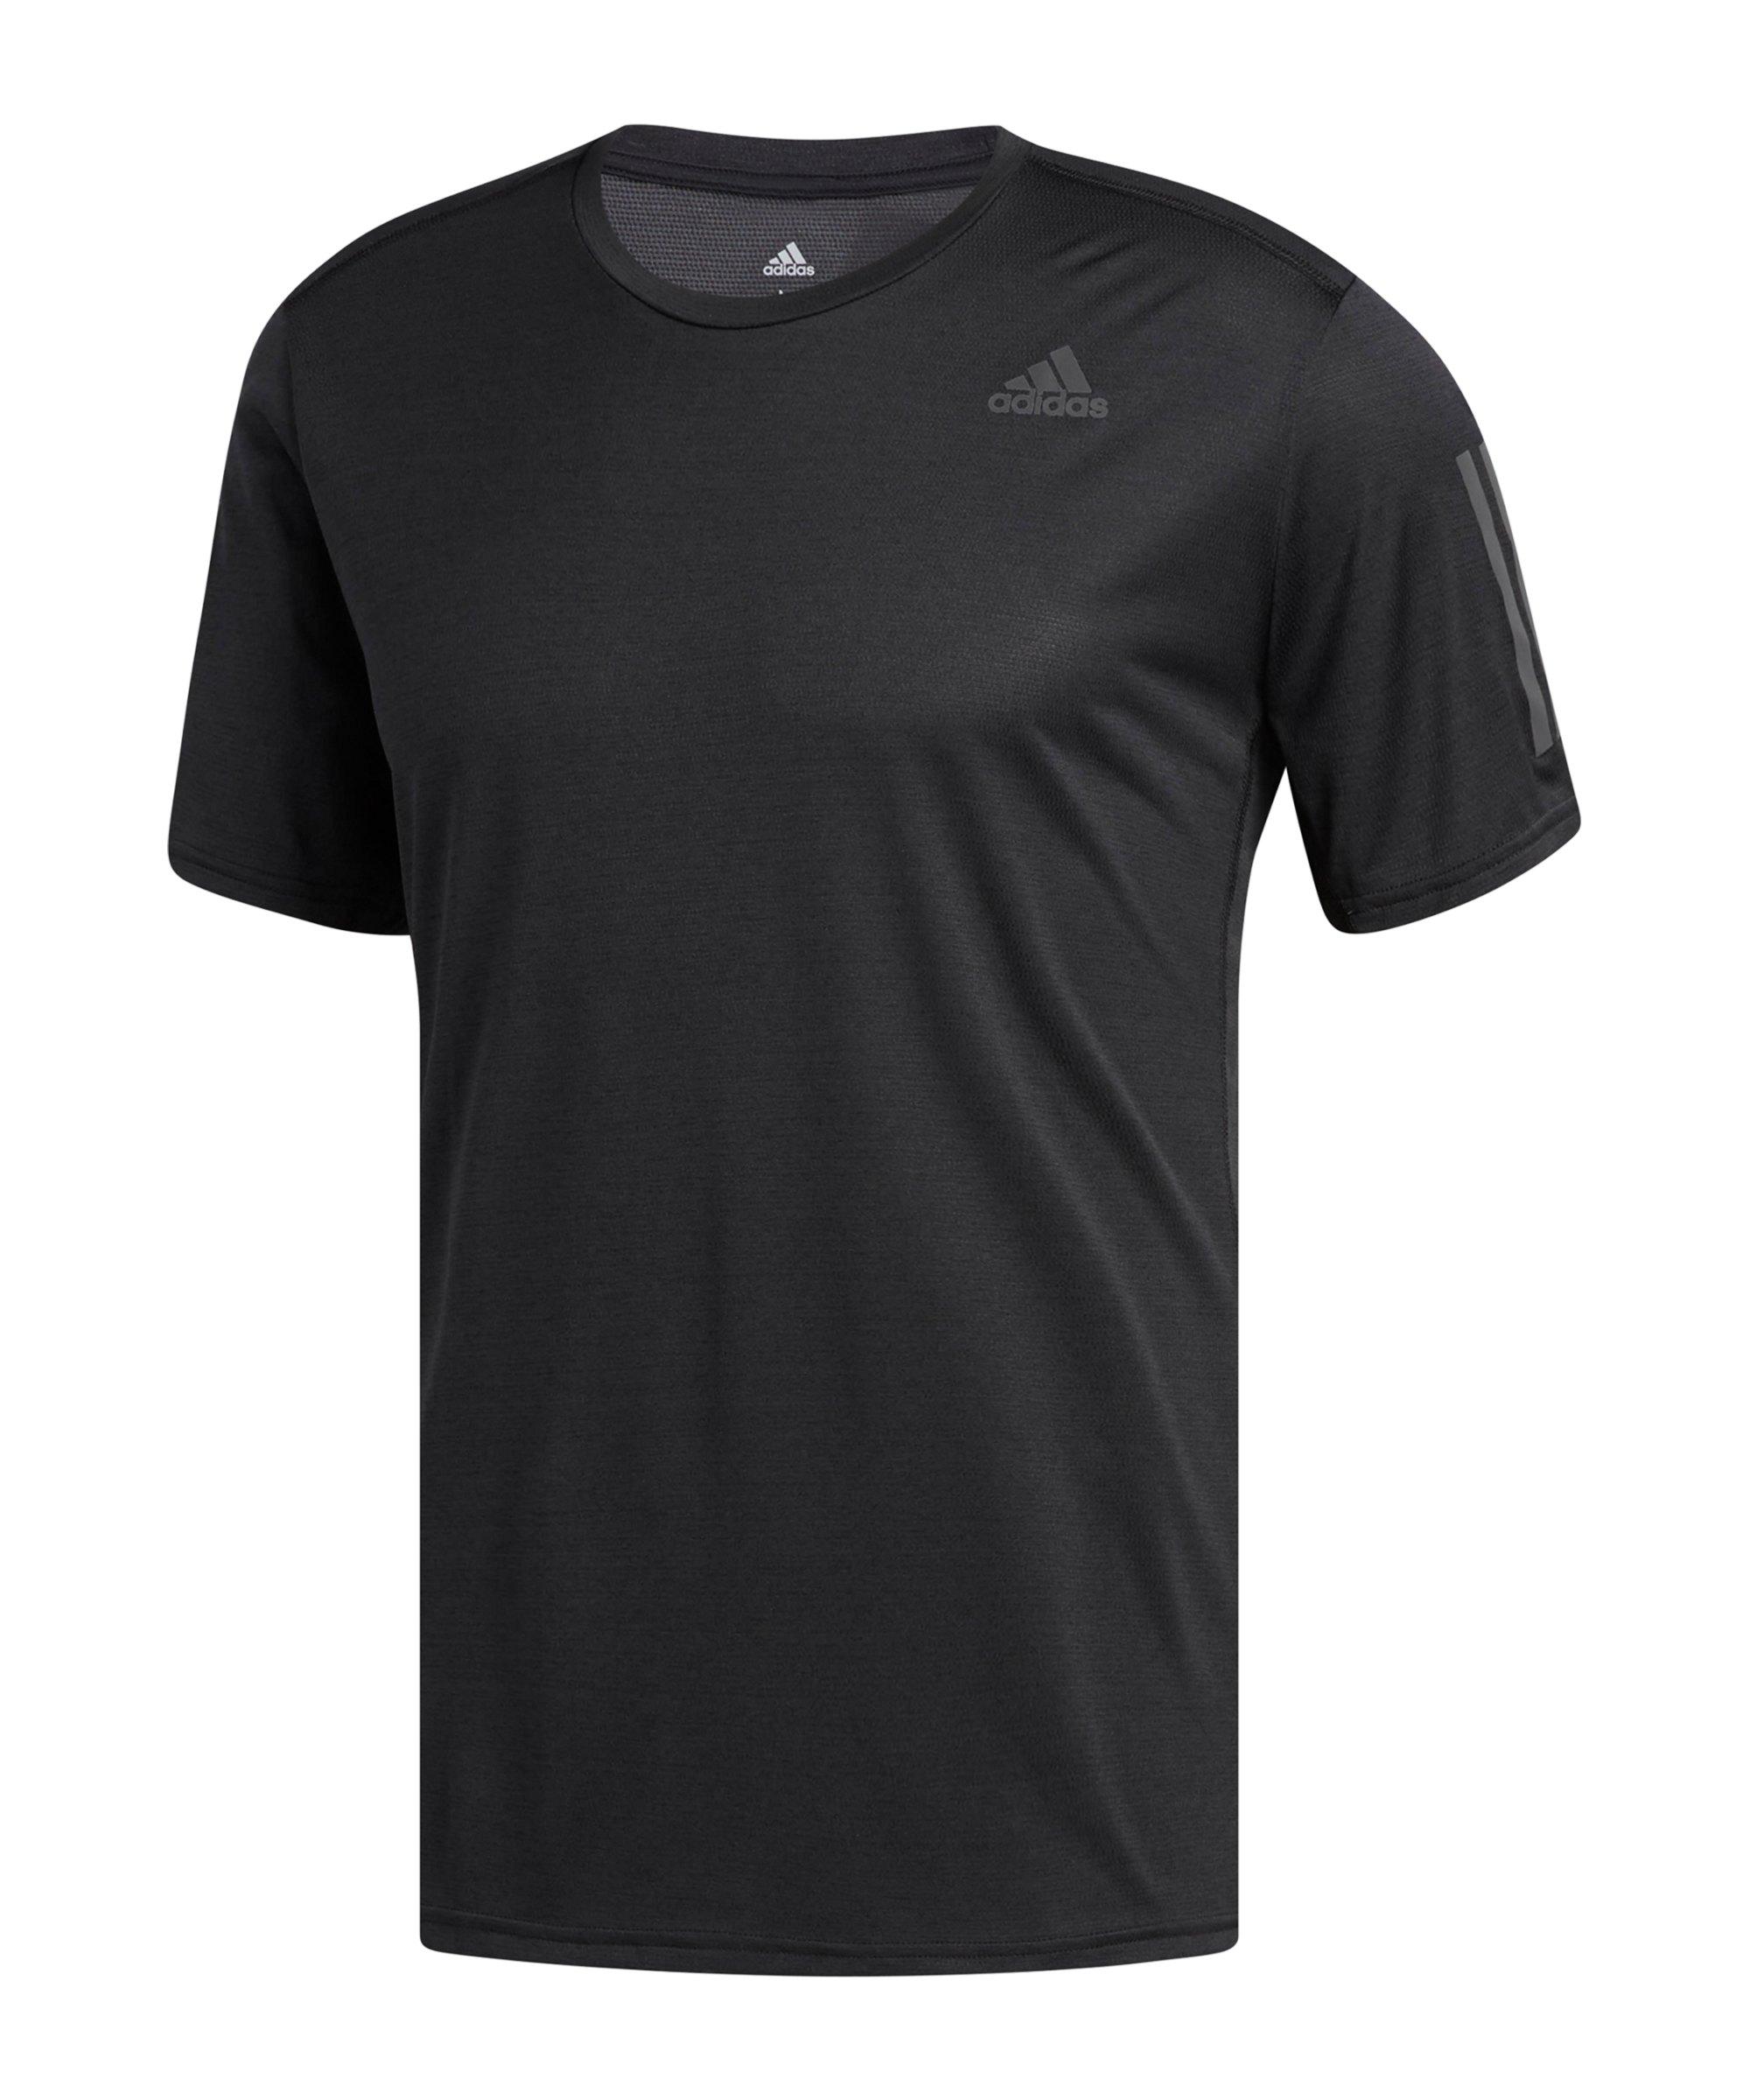 adidas Own The Run T-Shirt Running Schwarz - schwarz